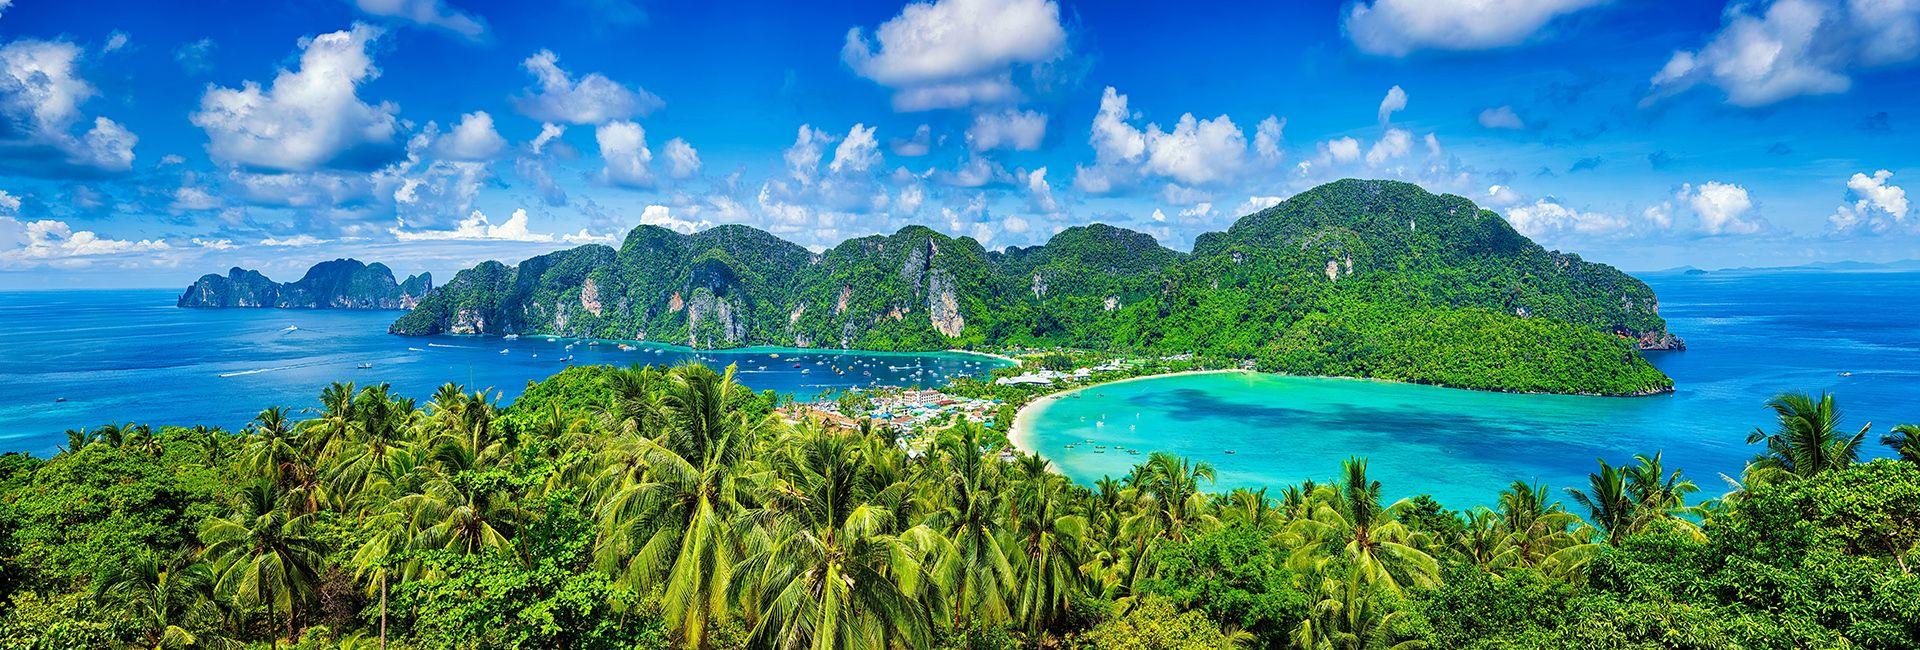 Top 6 bãi biển đẹp mê người ở Krabi, Thái Lan